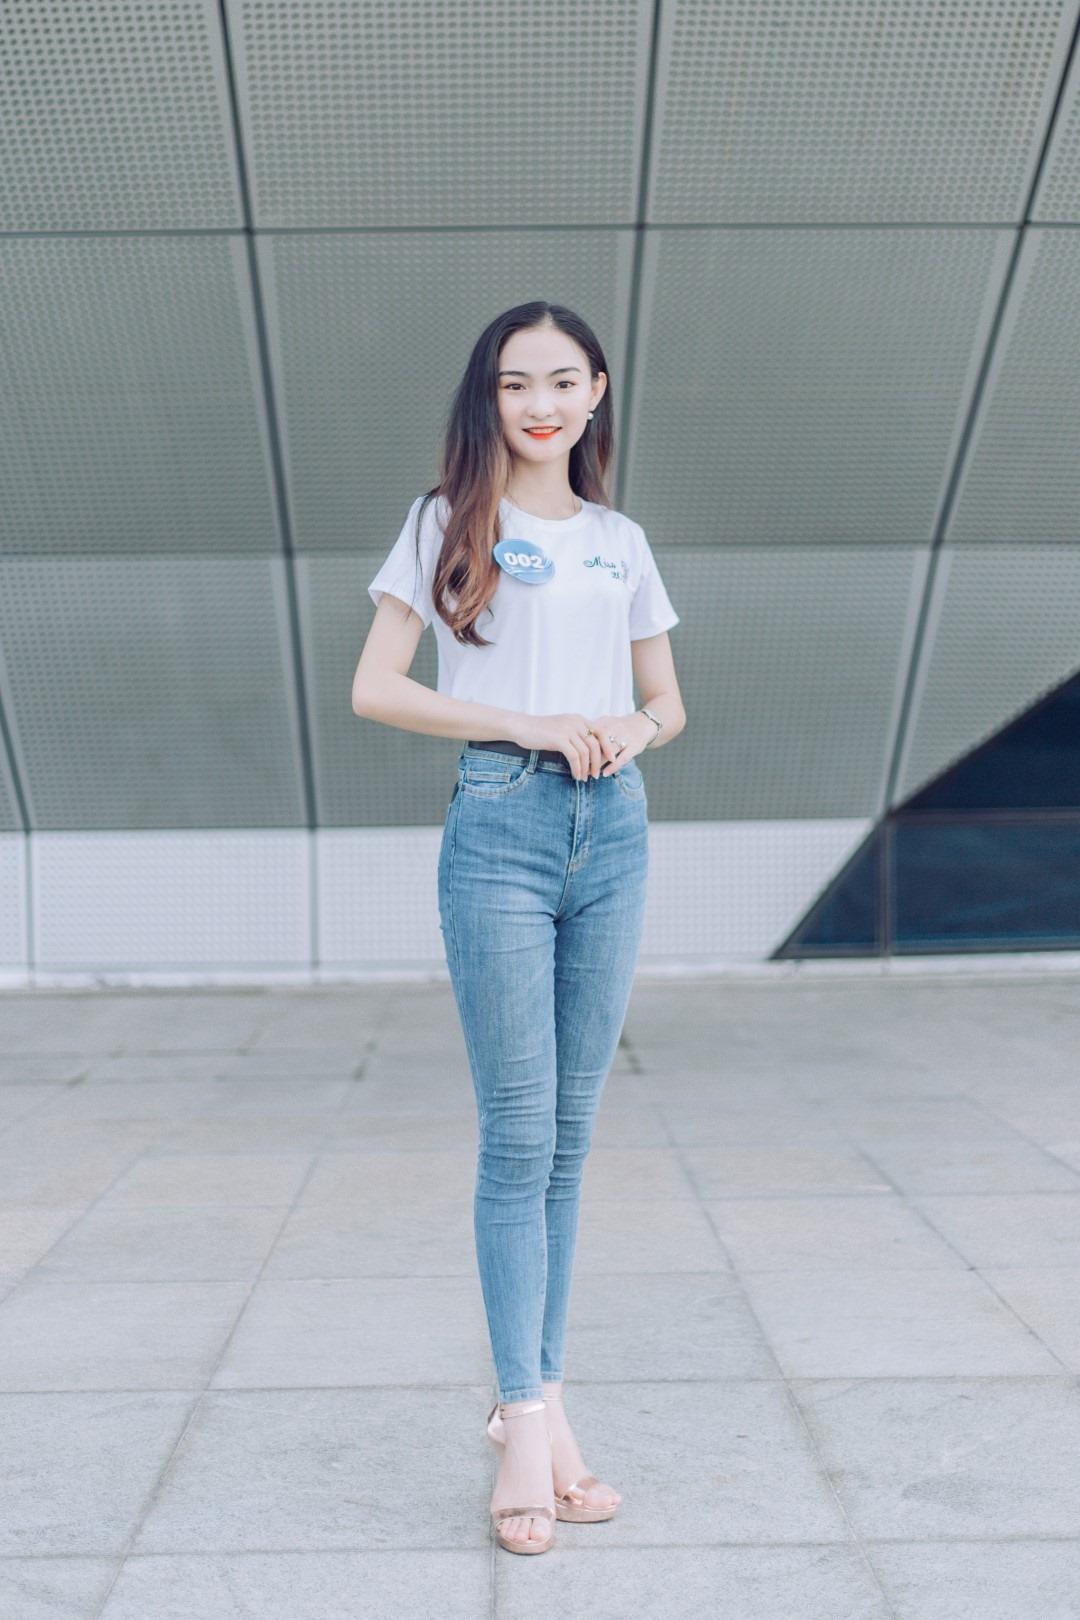 Thí sinh Nguyễn Thị Ngọc Hân, SBD 002, luôn thể hiện phong thái cuốn hút người xem. Cô nàng sở hữu chiều cao lý tưởng cùng nj cười rất duyên.